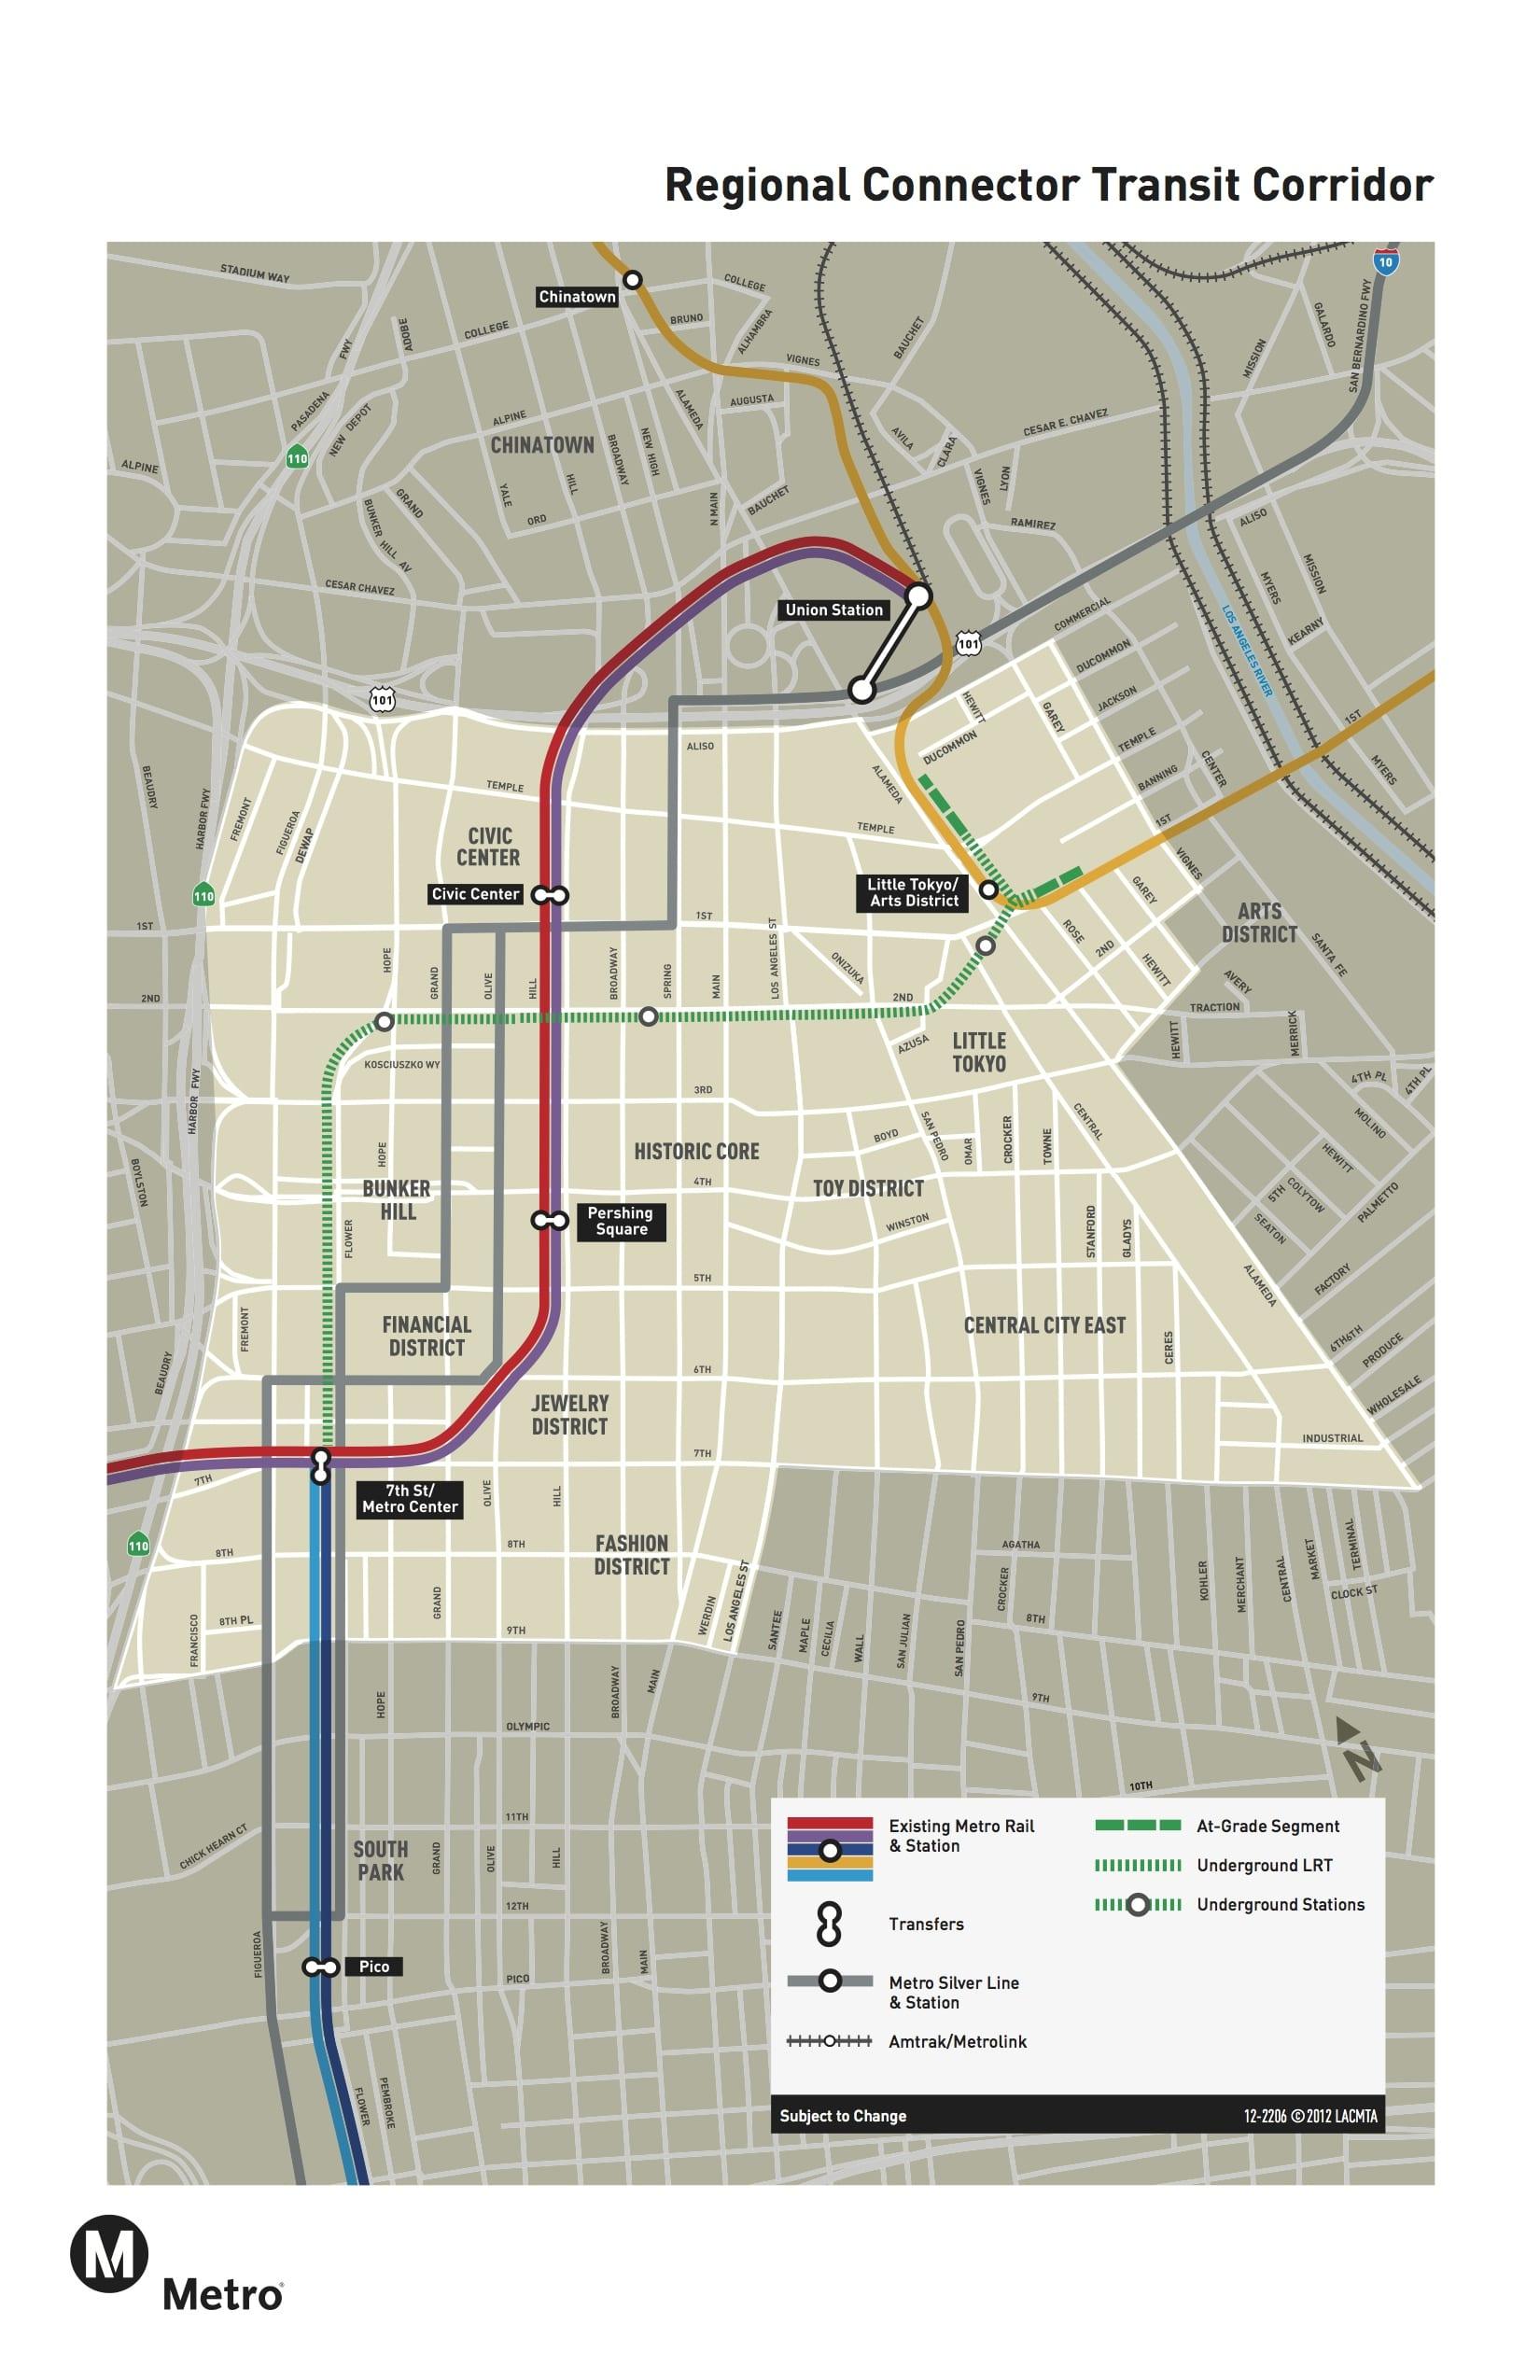 map_corridor_regconn_eng